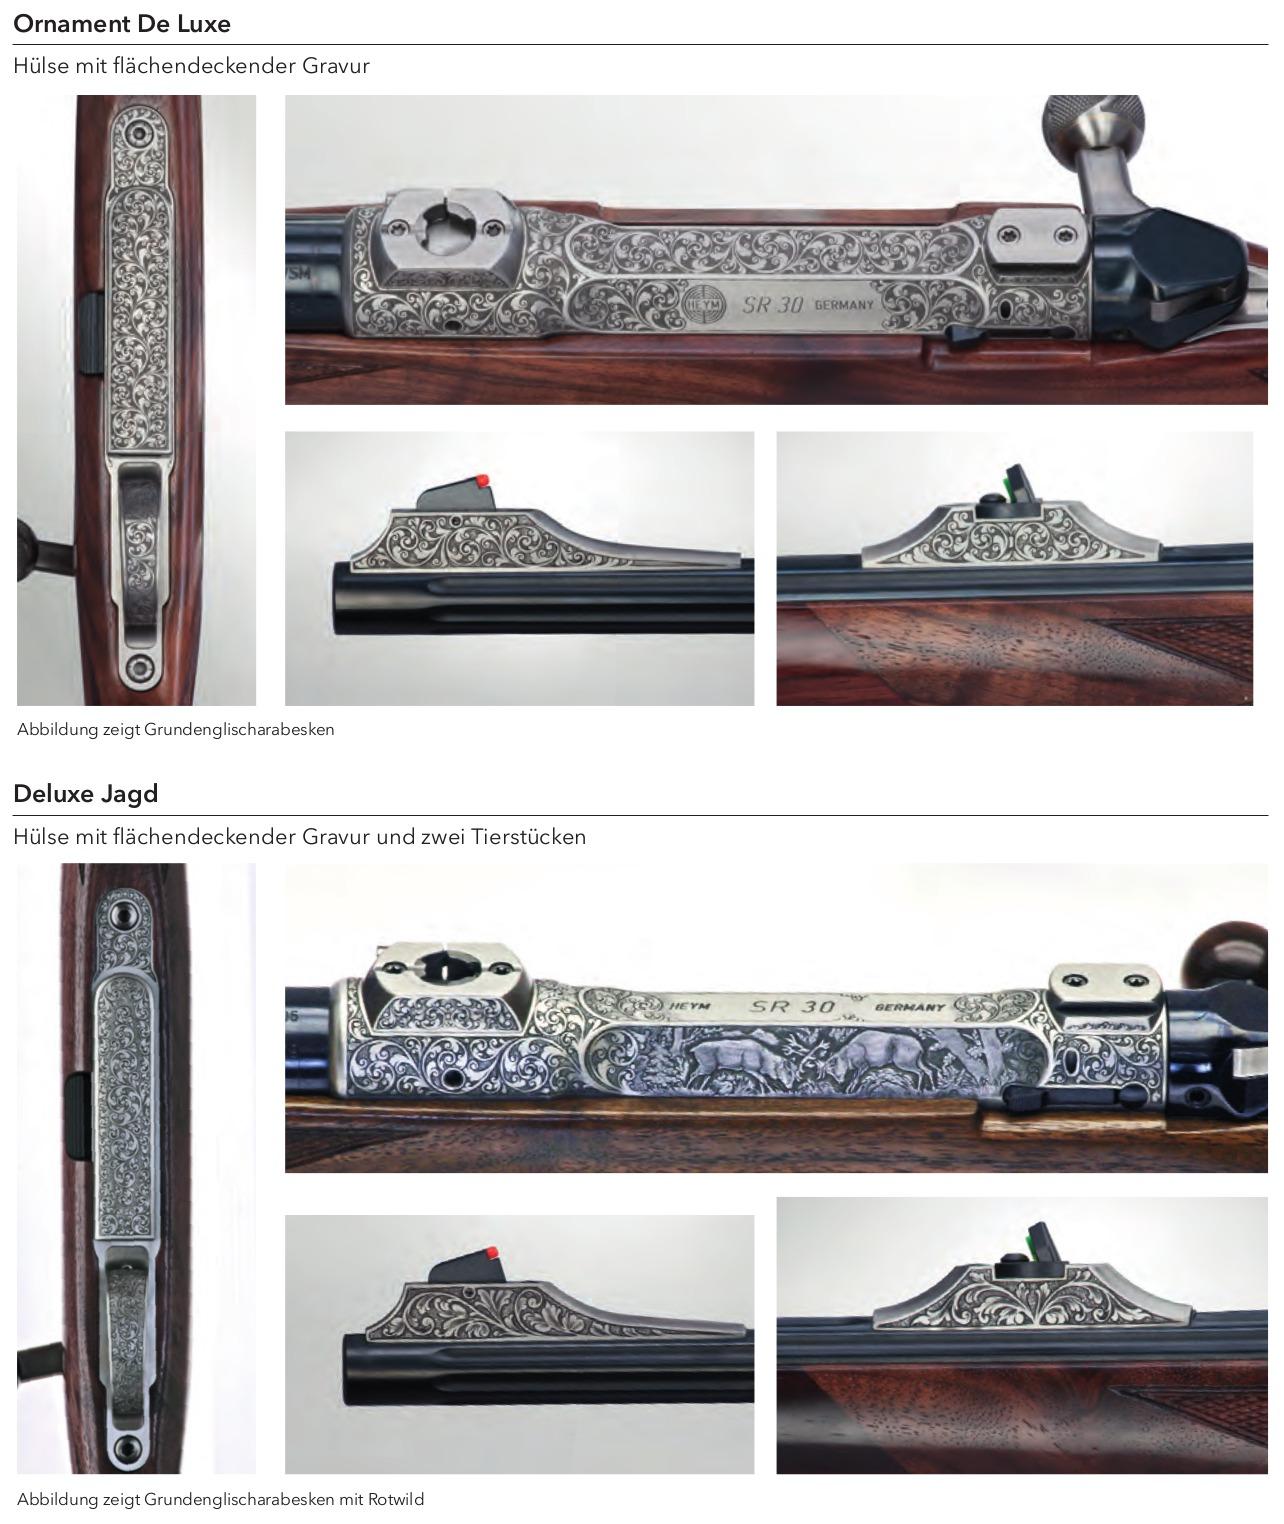 Heym SR21 sporting rifle engraving